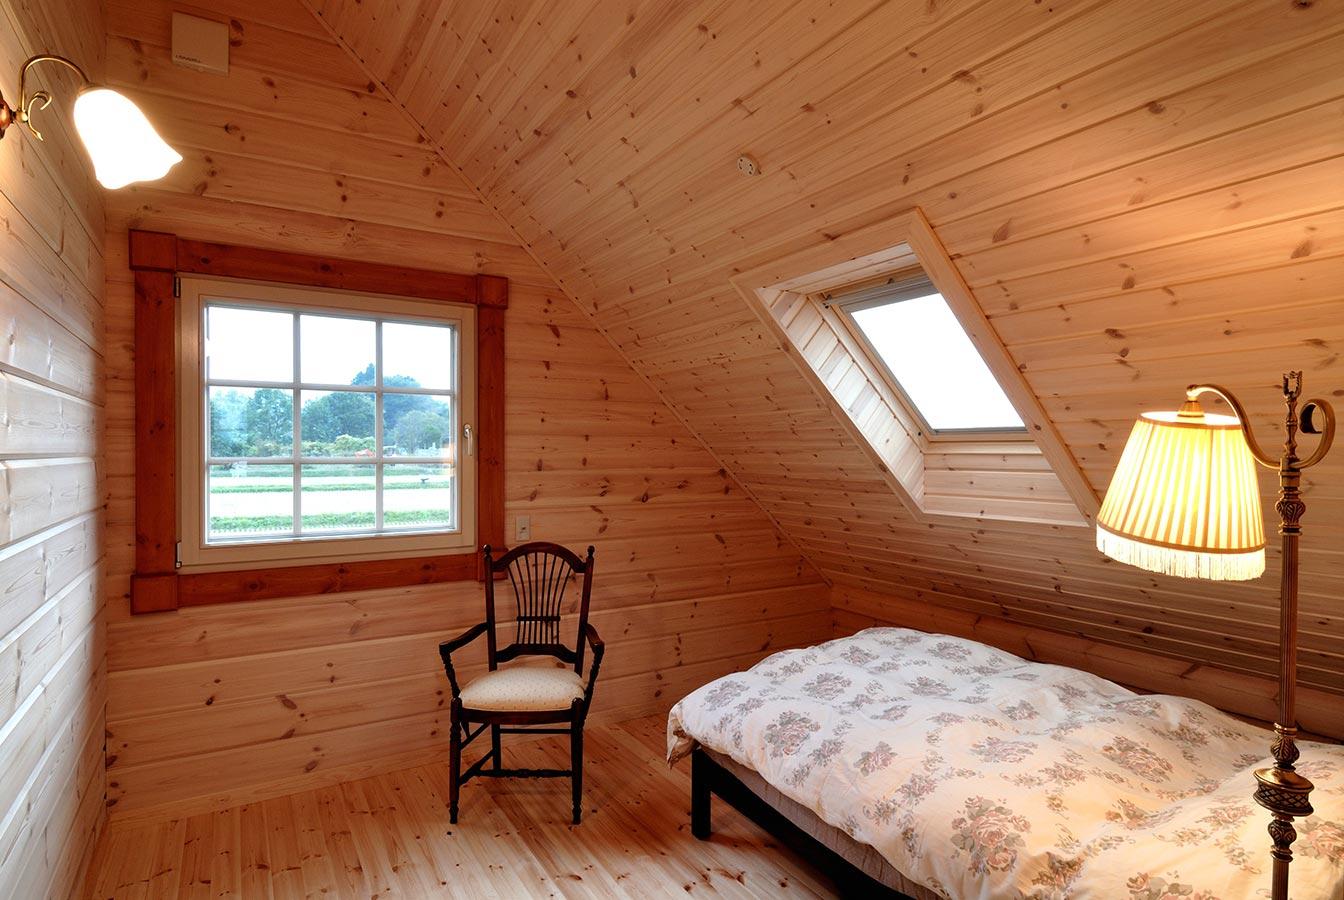 主寝室の窓からは日中は周囲の山々のパノラマを、夜には満天の星空を望みます。<br /> お気に入りのアンティークの家具に囲まれ、仕事中の緊張感がほどけていく、寛ぎの時間が流れます。